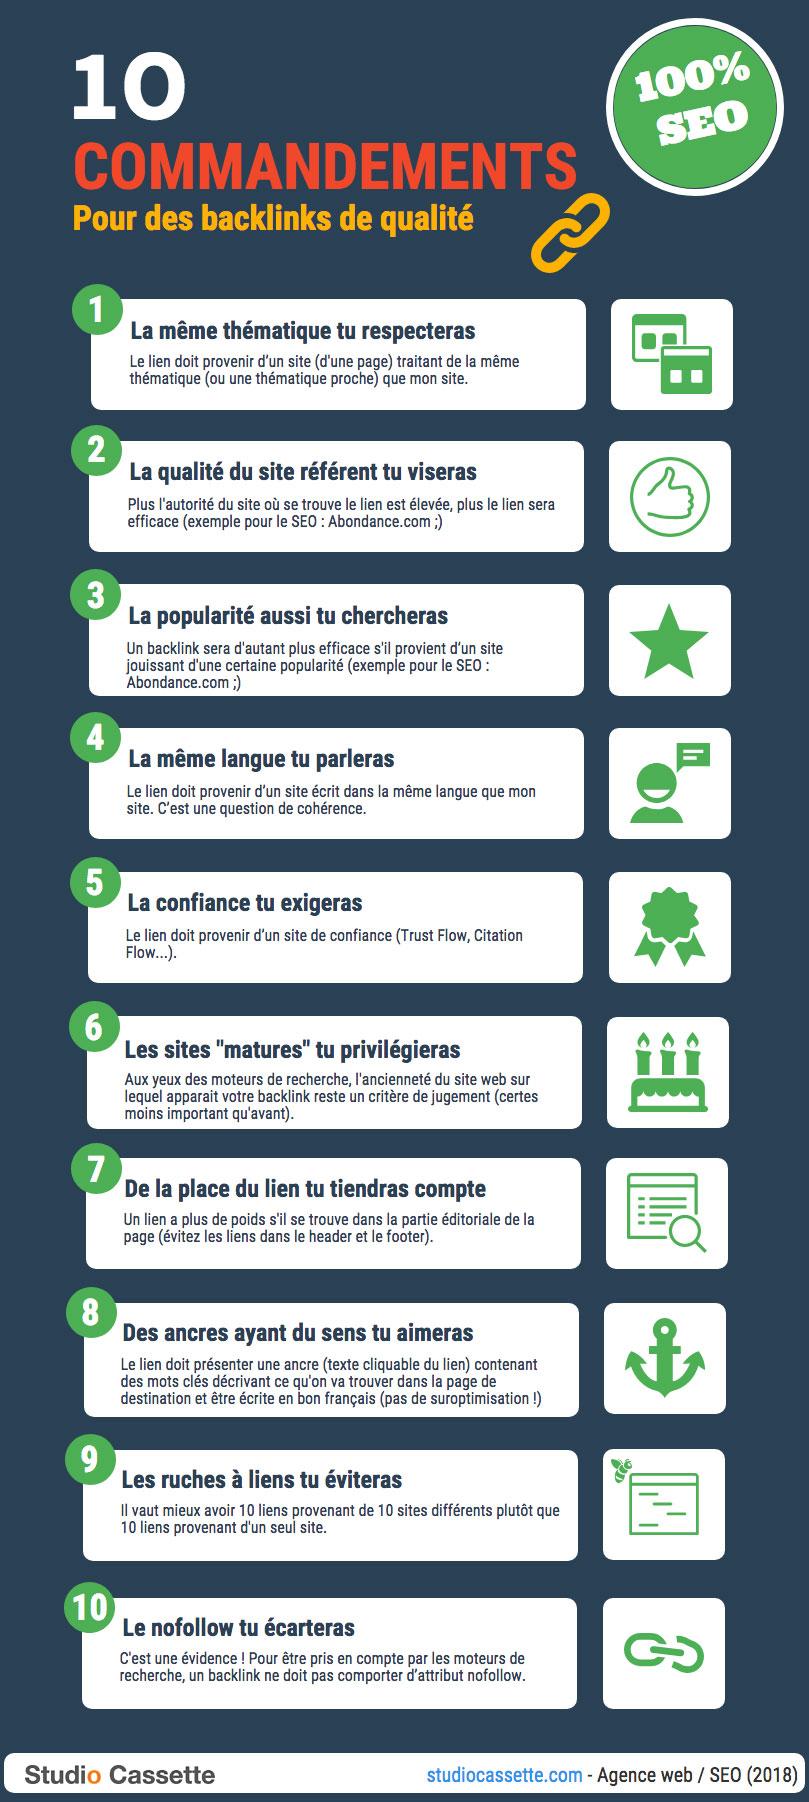 [INFOGRAPHIE] 10 commandements pour des backlinks de qualité 1